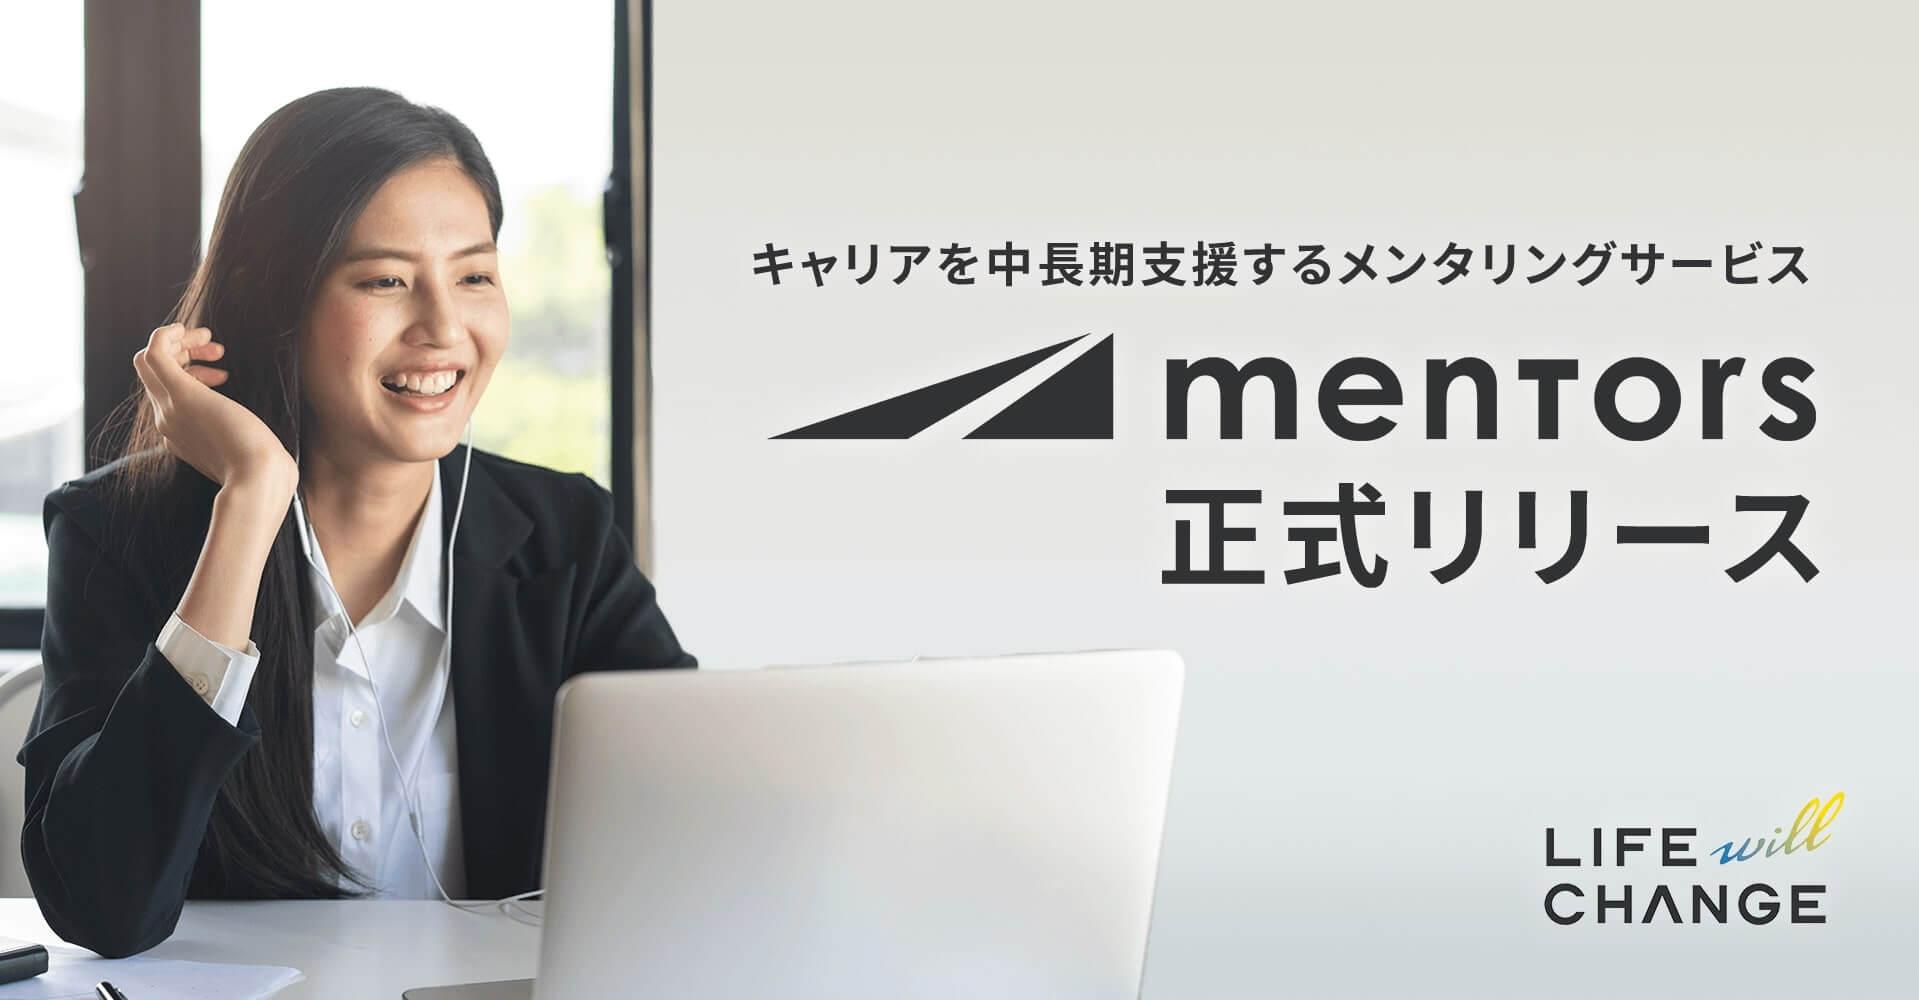 【mentorsってどんな転職サービス?】特徴や料金を詳しく解説!